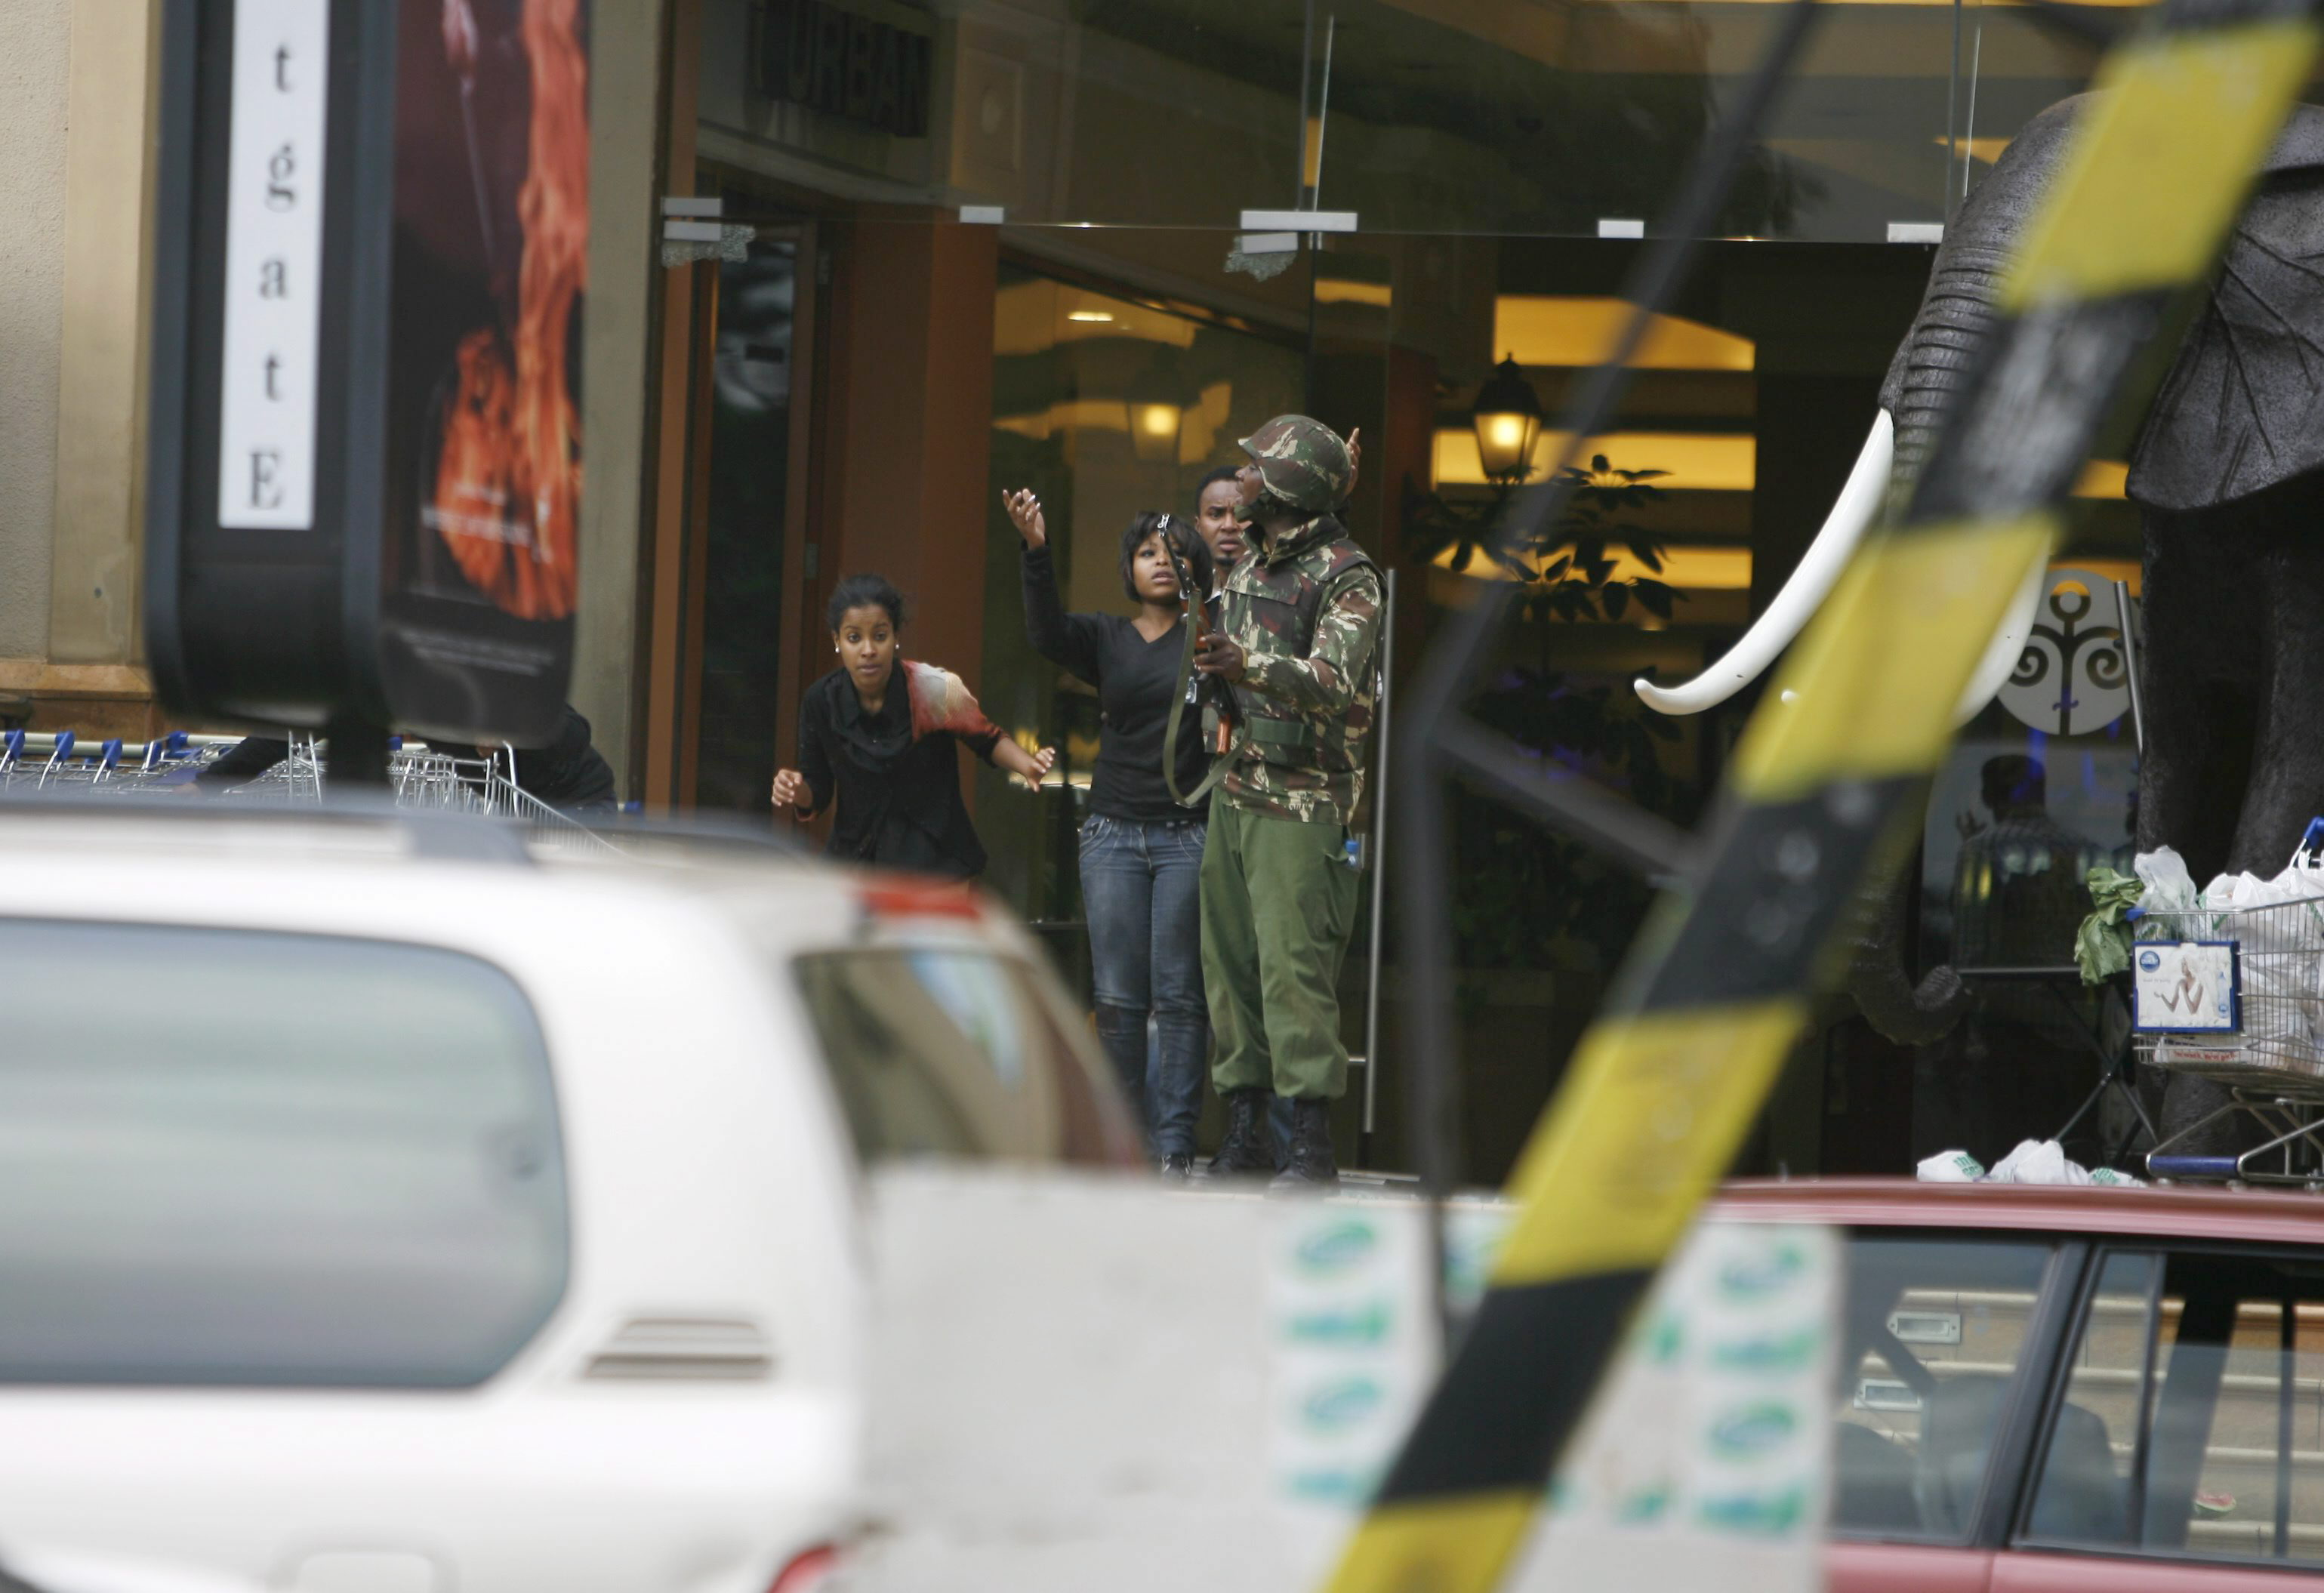 Historial de asaltos con rehenes a lugares públicos y operaciones policiales